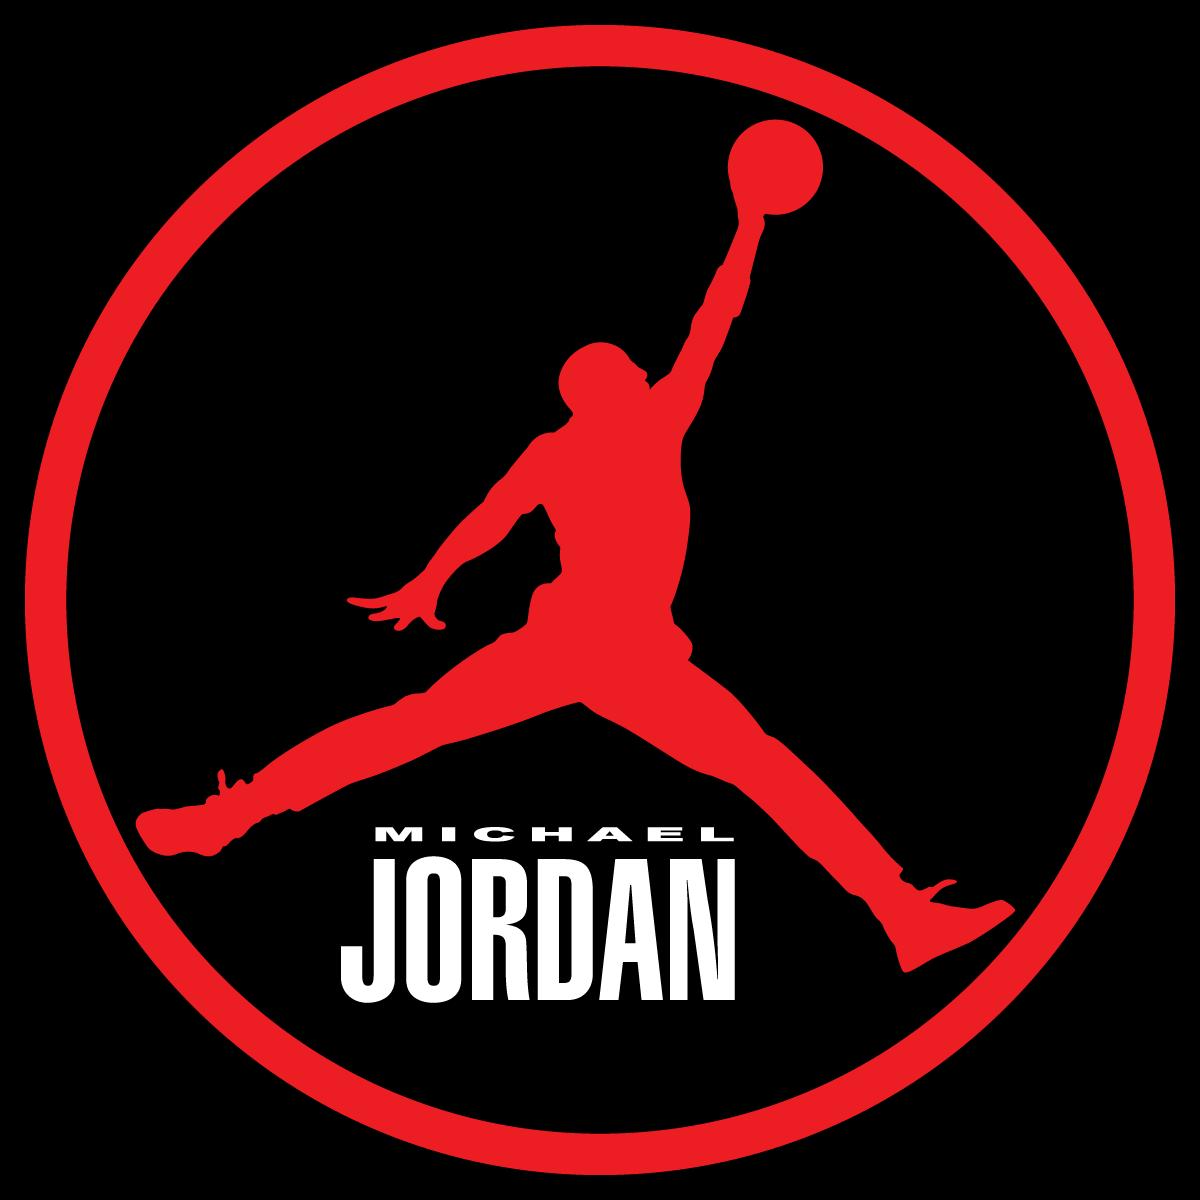 Michael Jordan Vector at GetDrawings | Free download